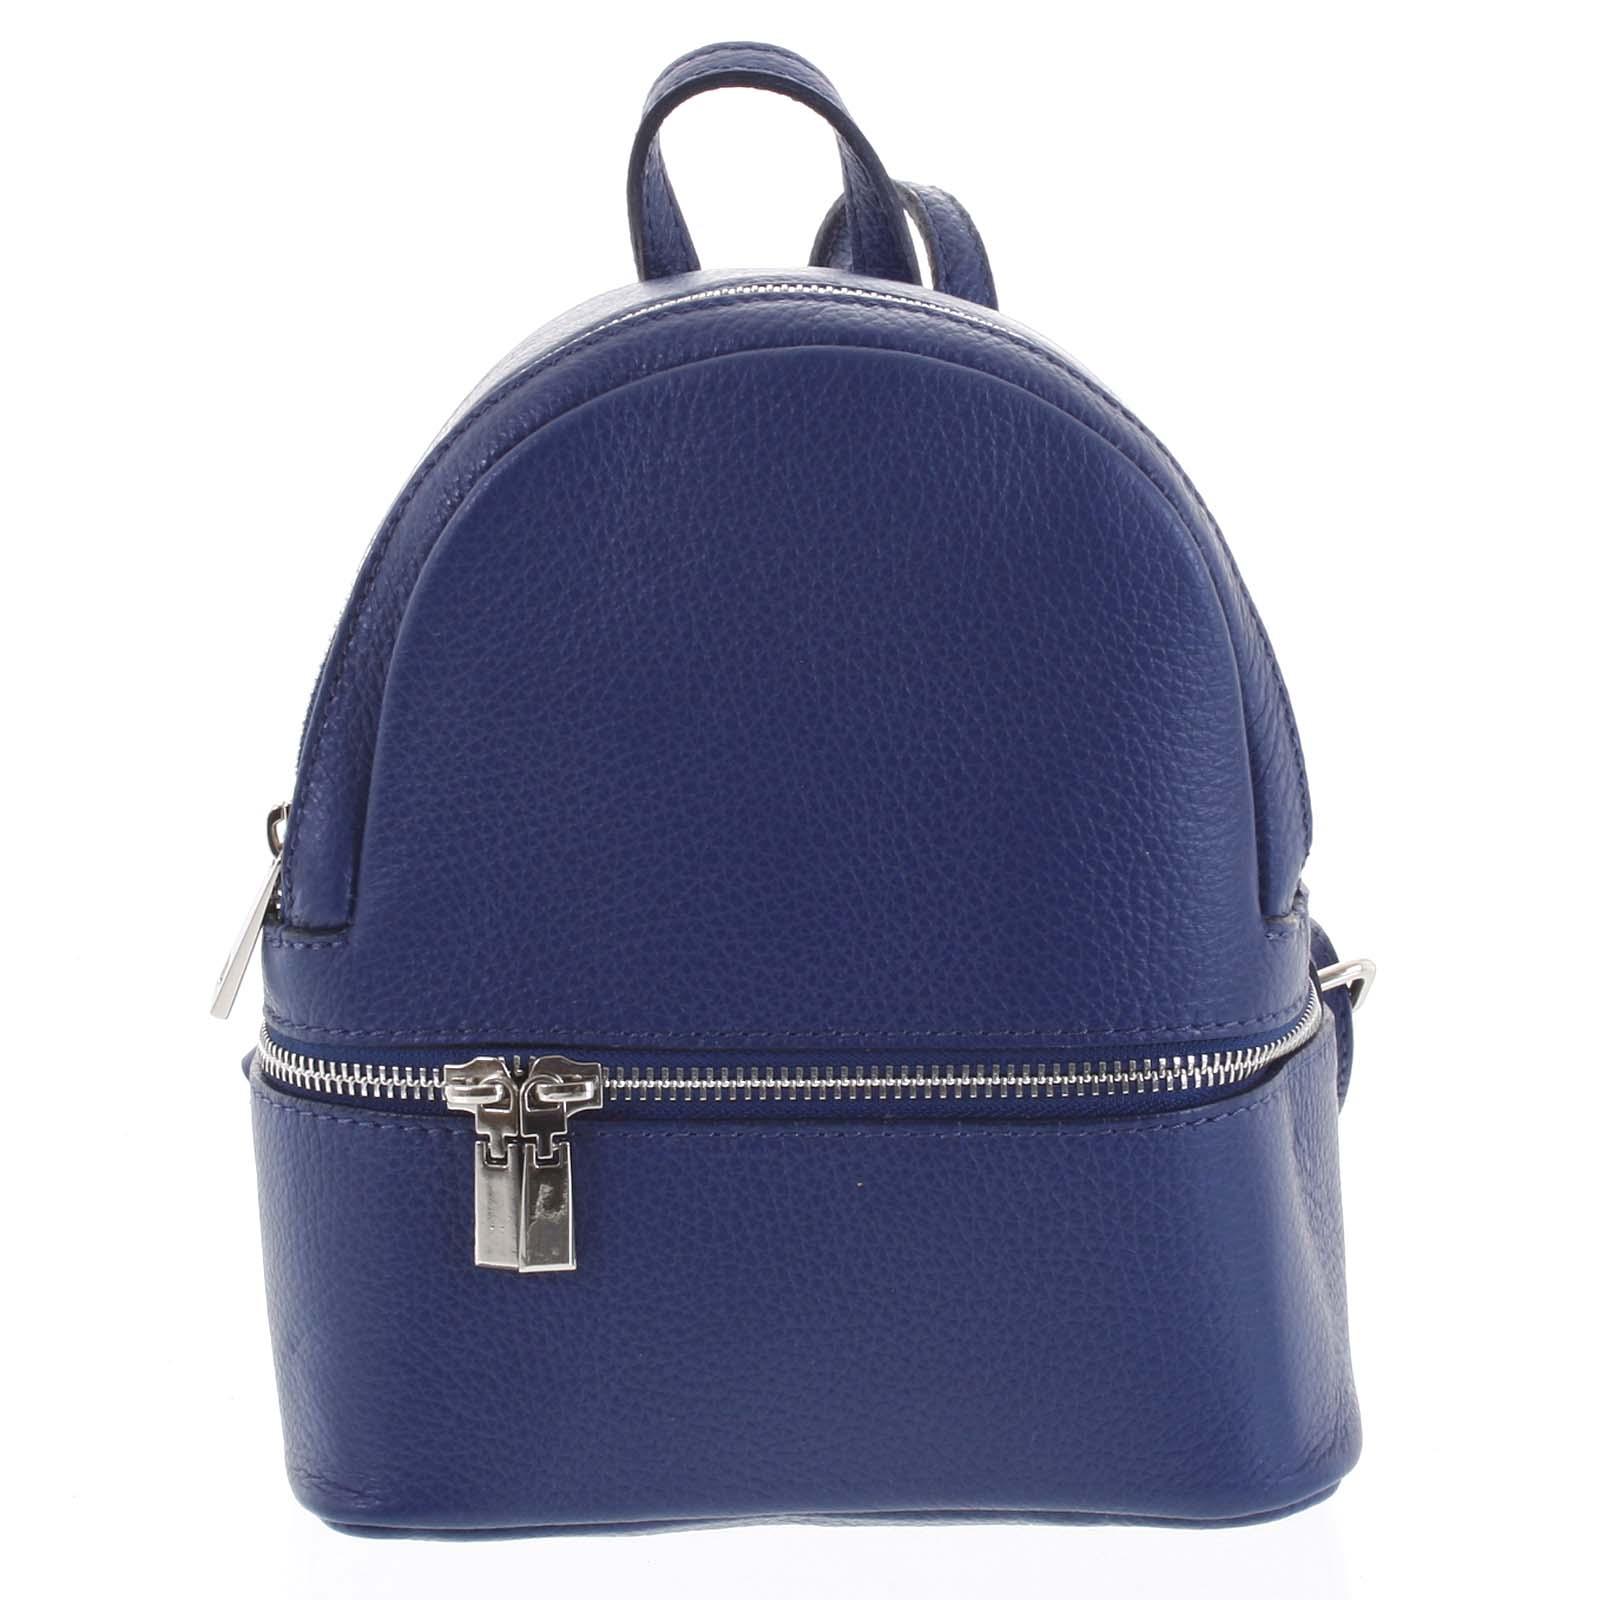 Dámský kožený batůžek tmavě modrý - ItalY Rocme